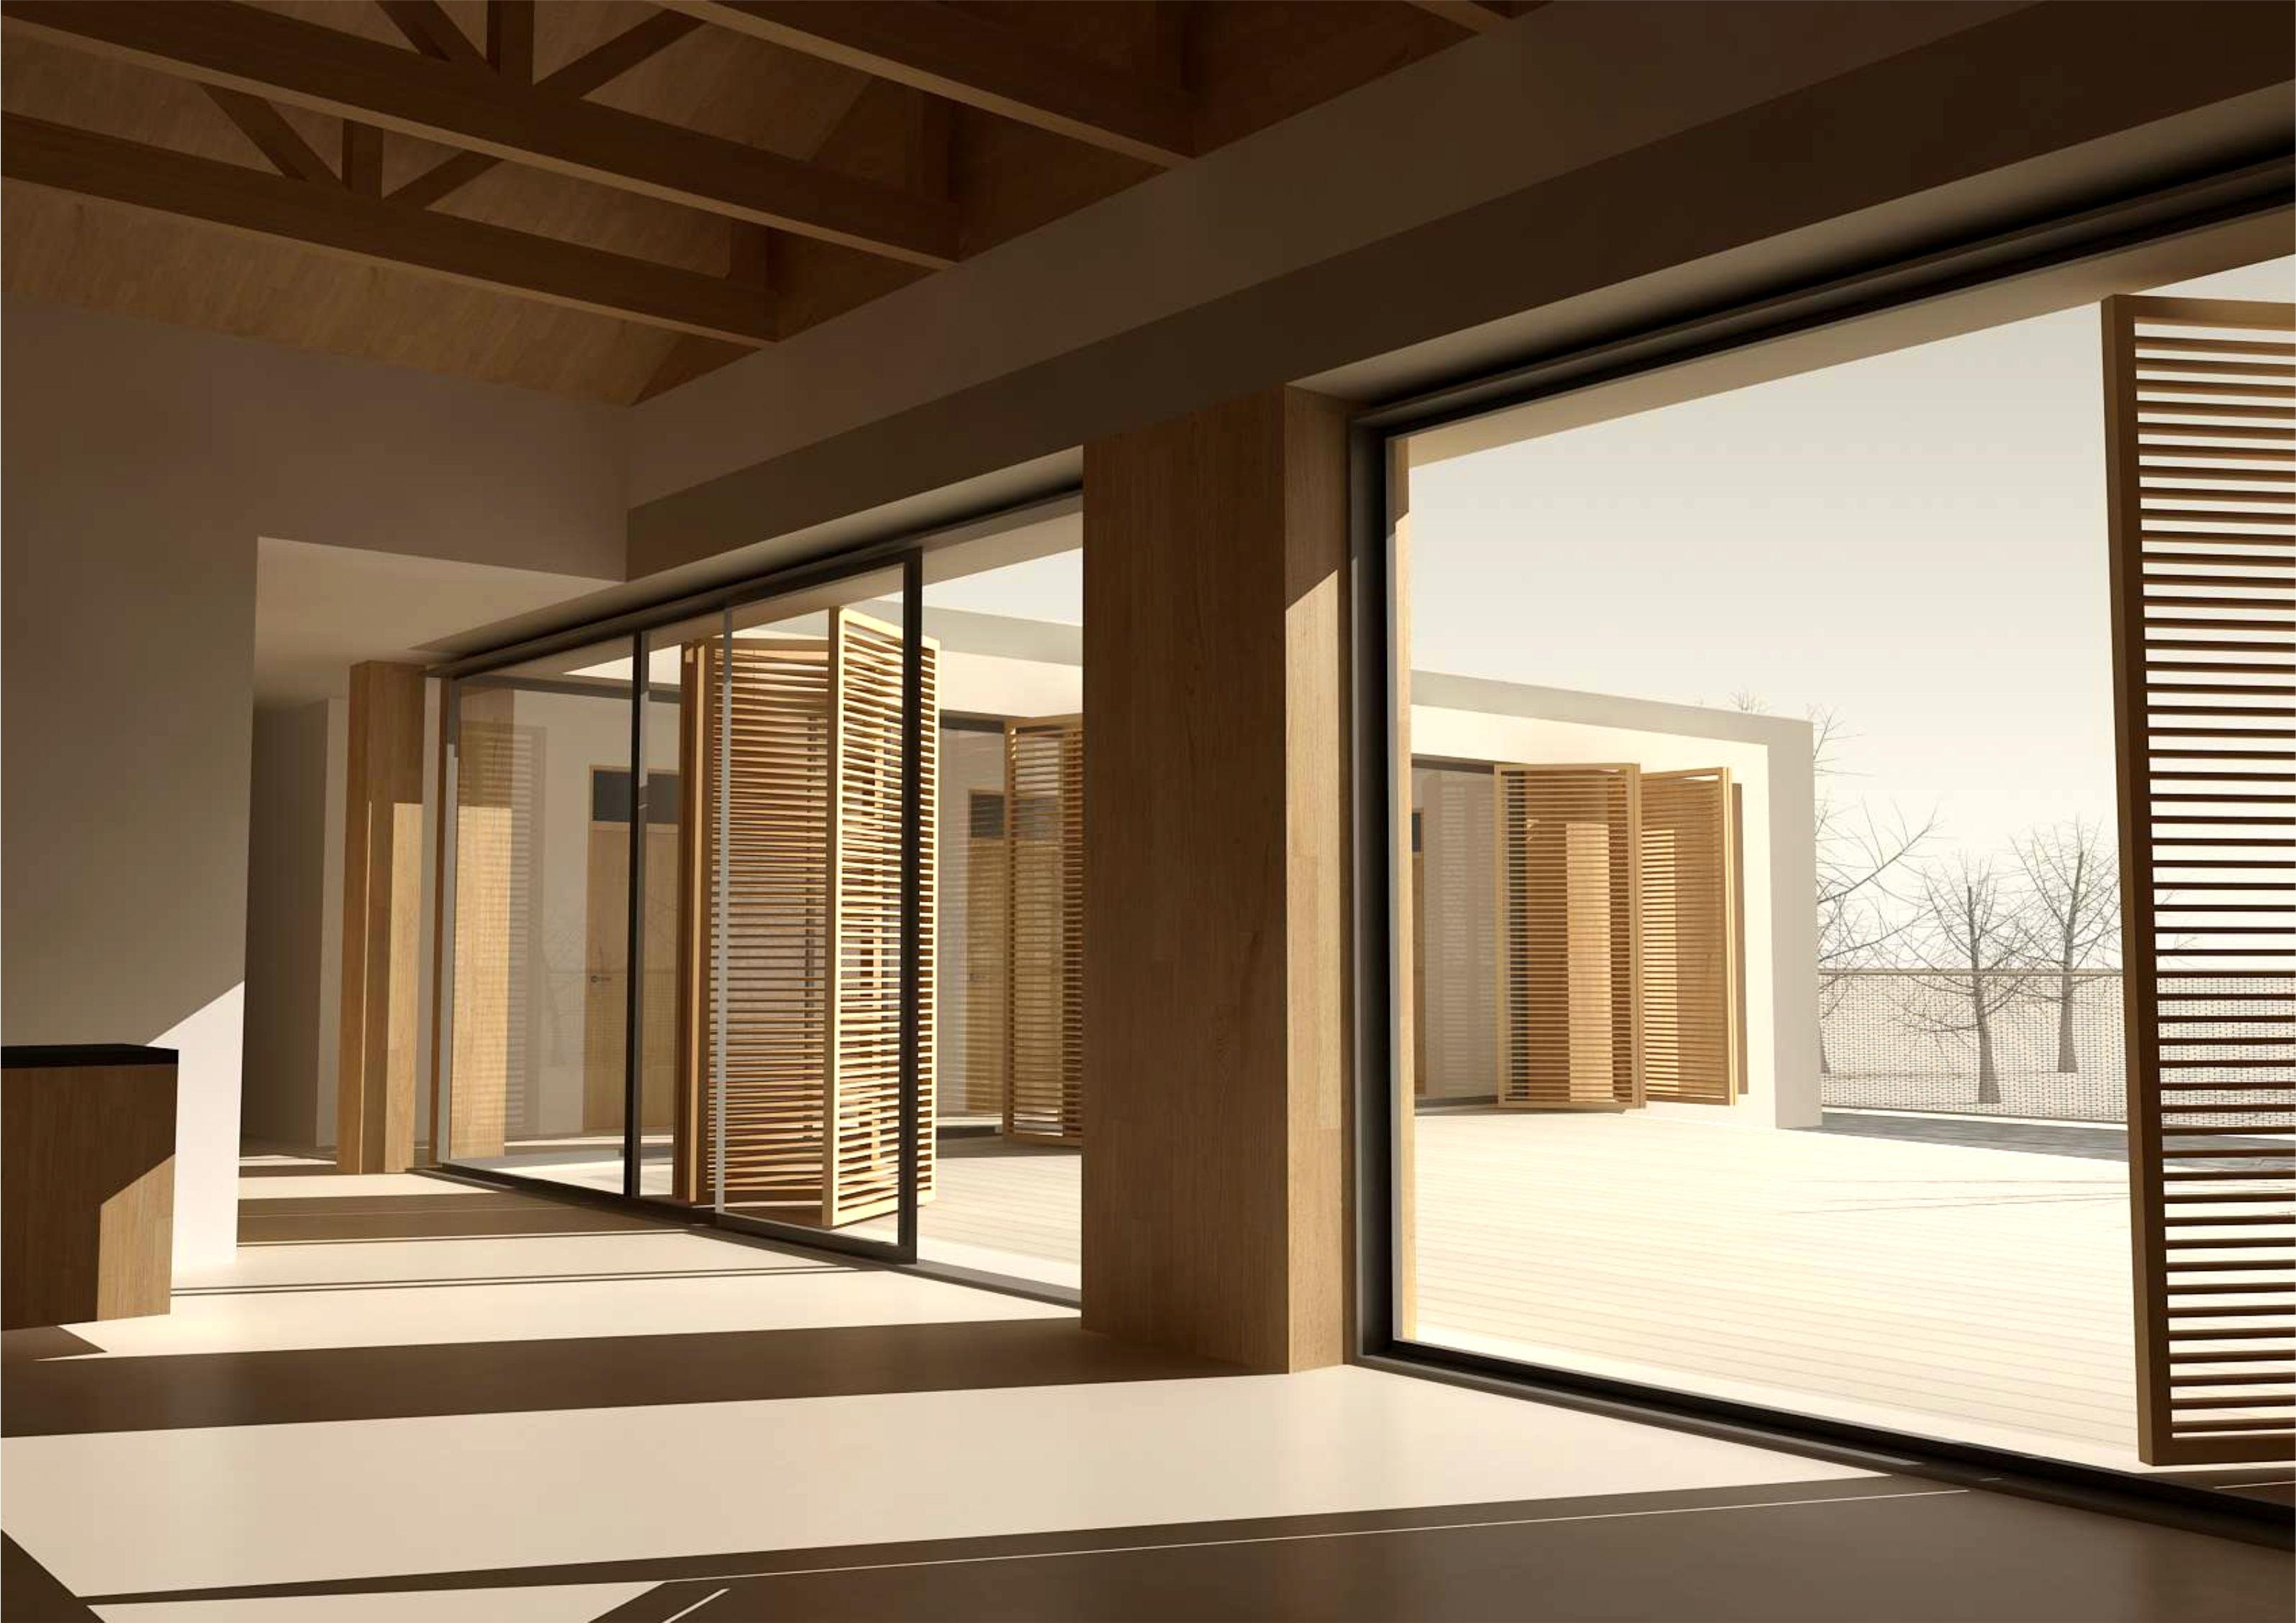 Projekt stavby rodinného domu VII 08